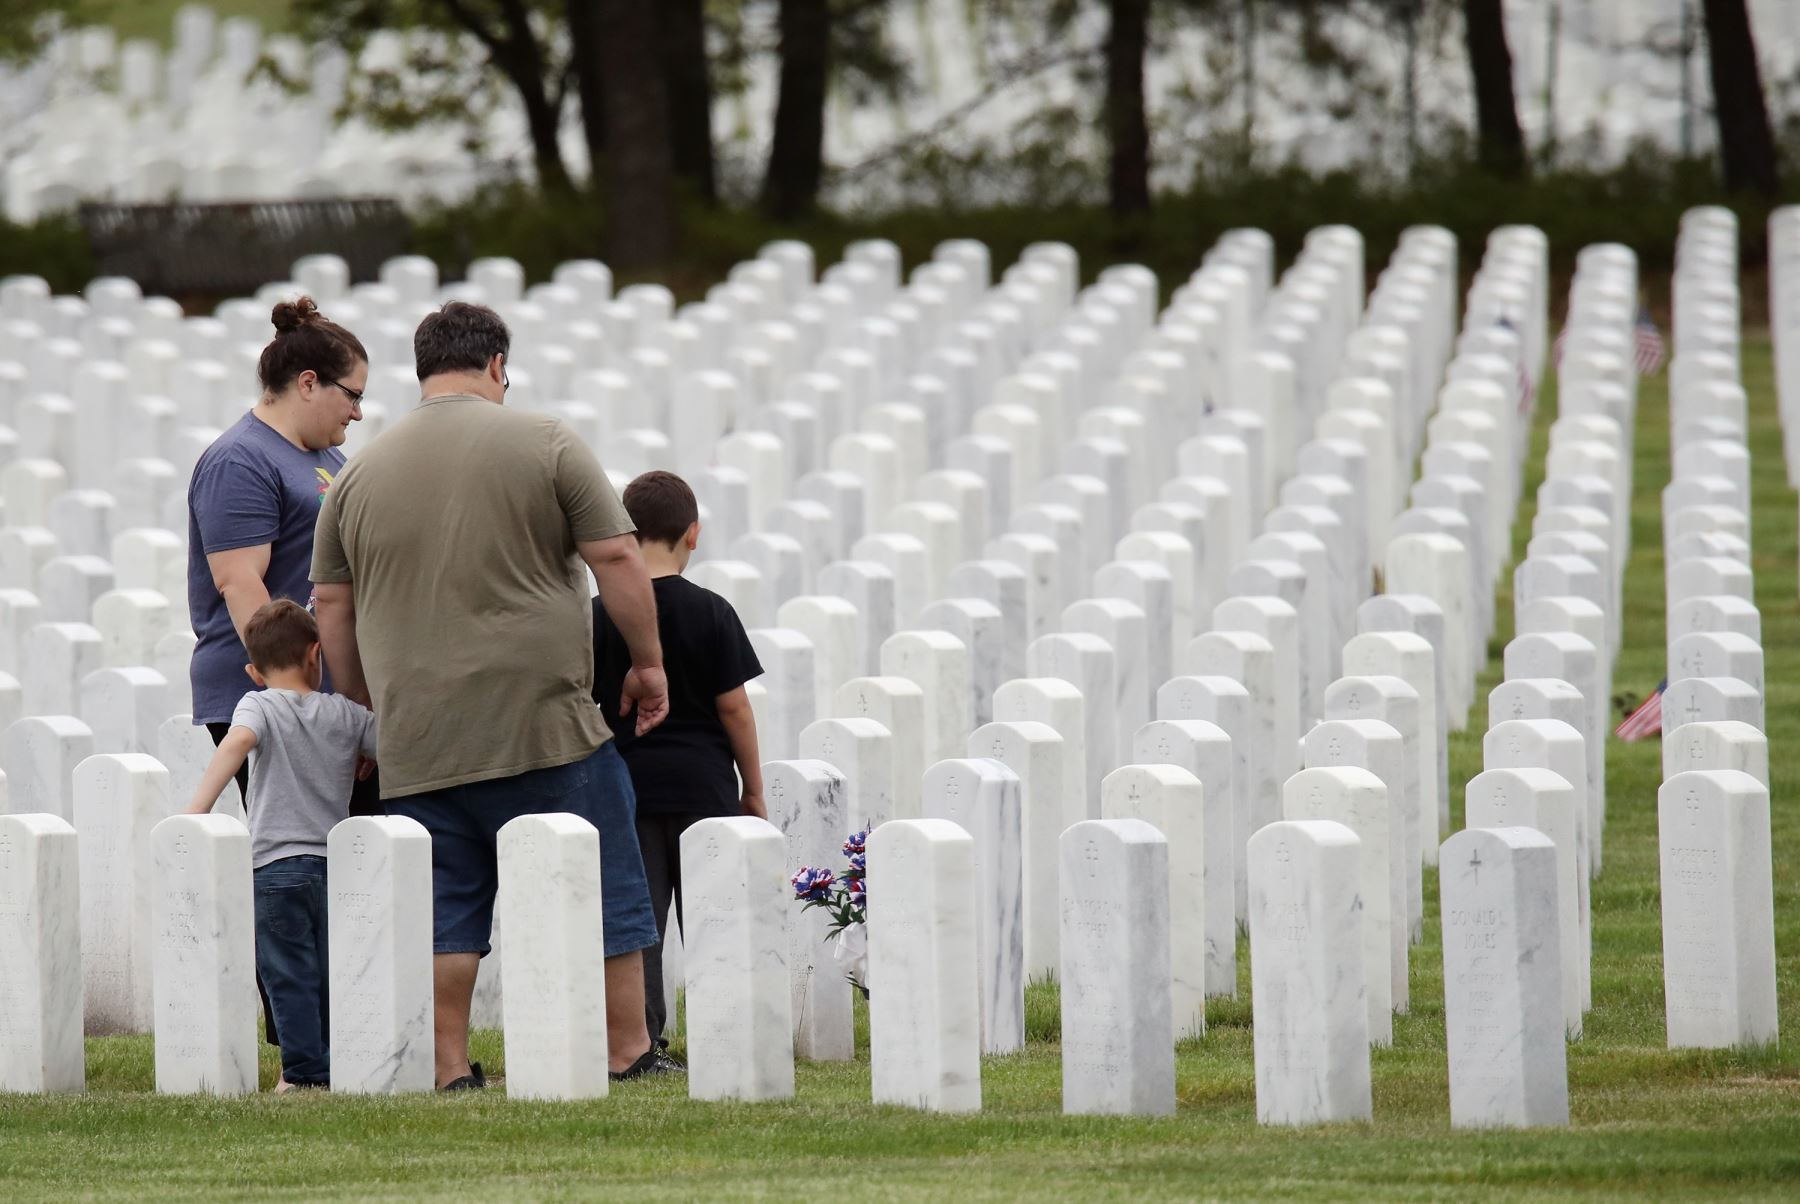 La familia Sperandio visita la tumba del abuelo fallecido por coronavirus en el Cementerio Nacional de Calverton en Wading River, Nueva York. Foto: AFP